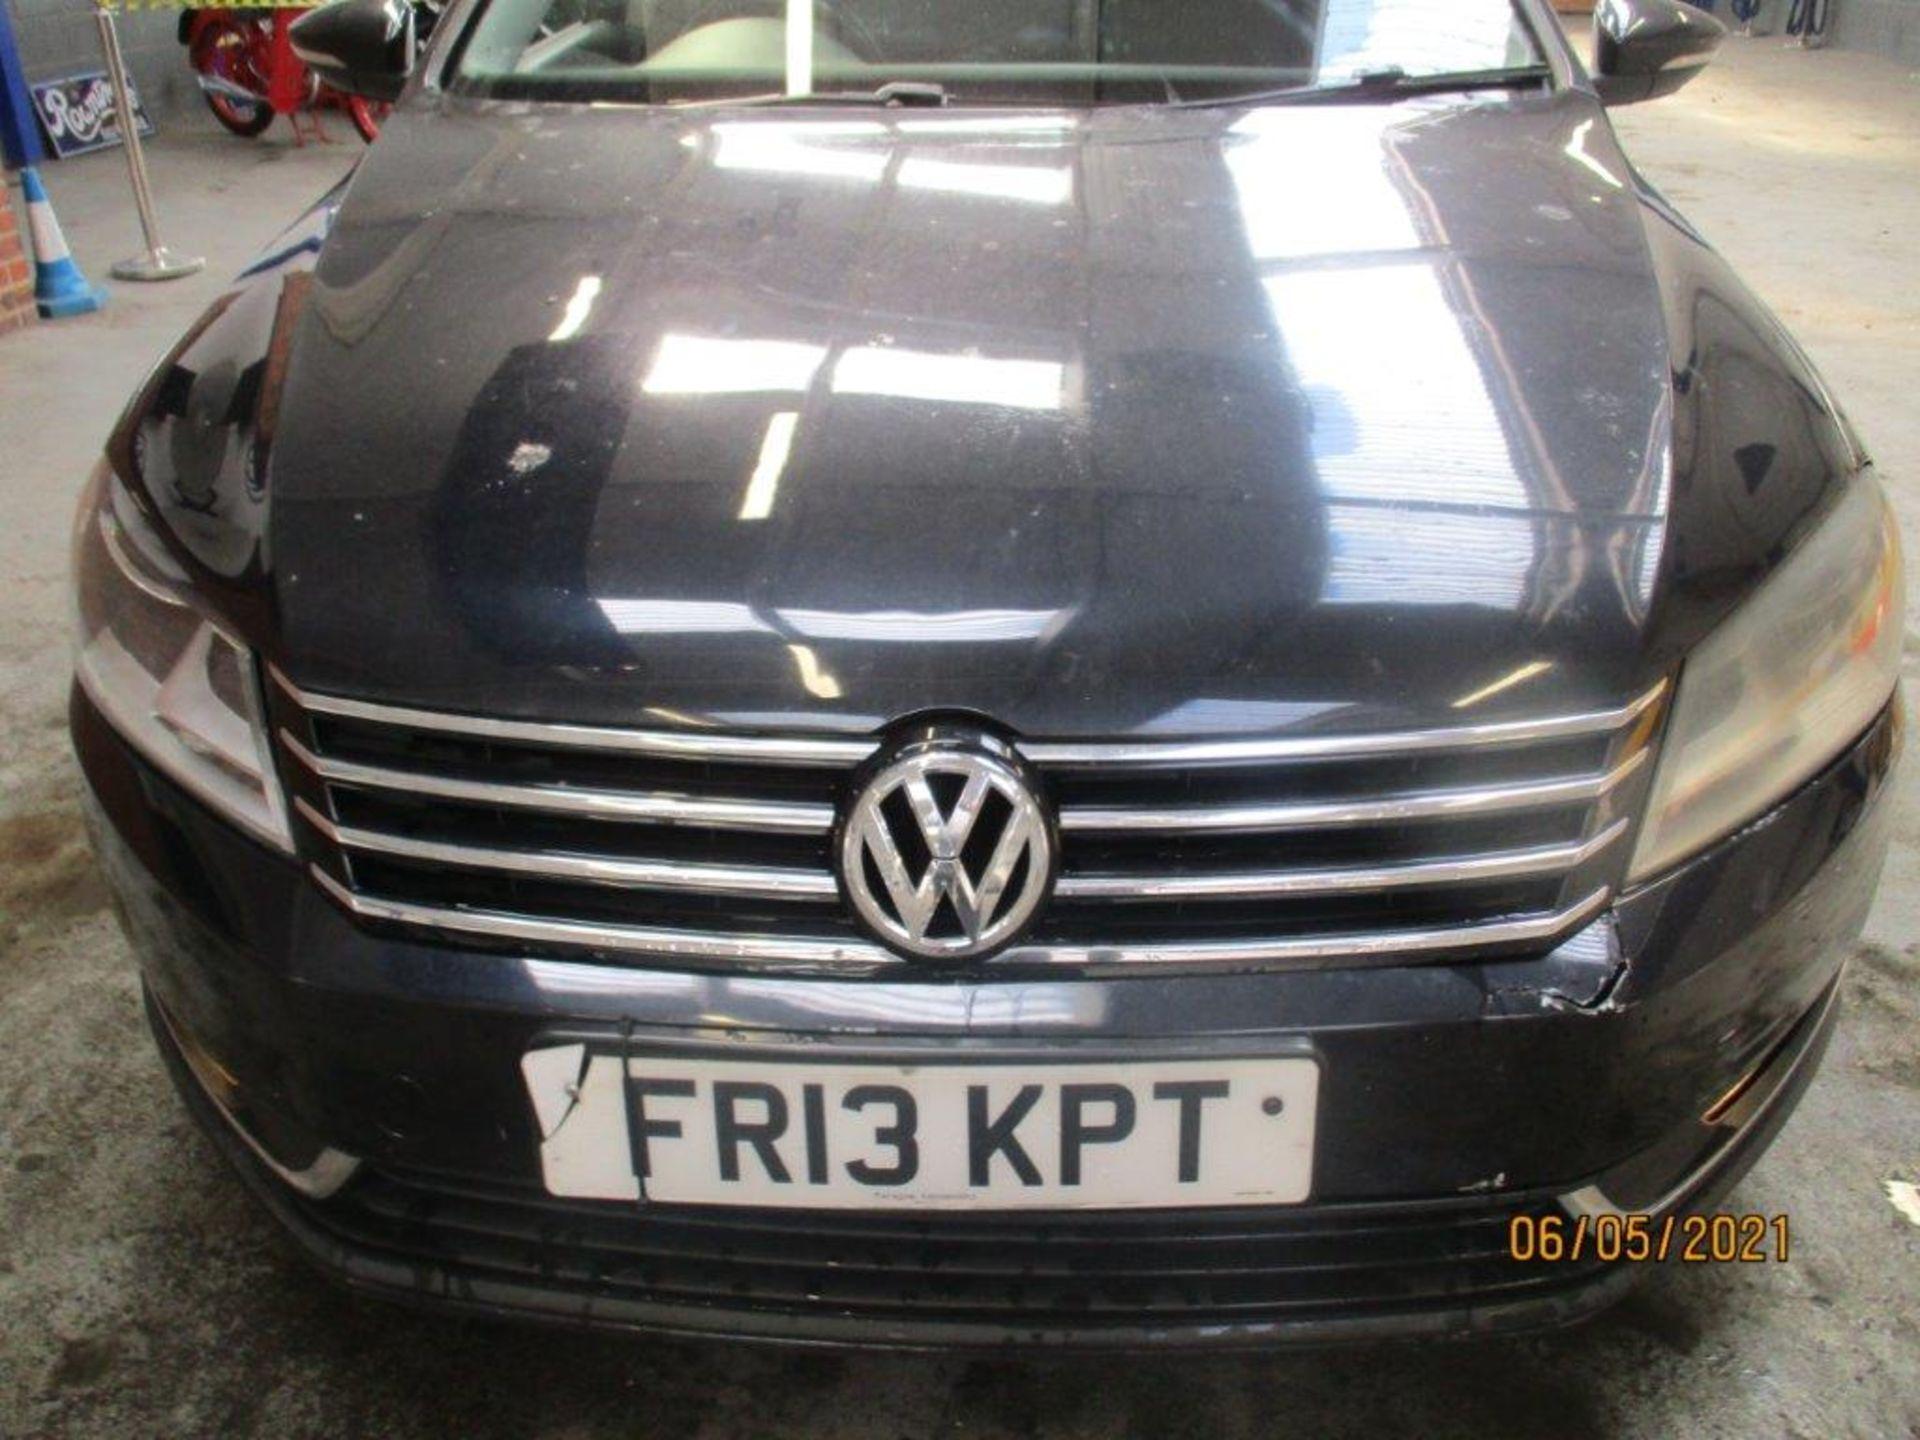 13 13 VW Passat S Bluemotion Tech - Image 3 of 29